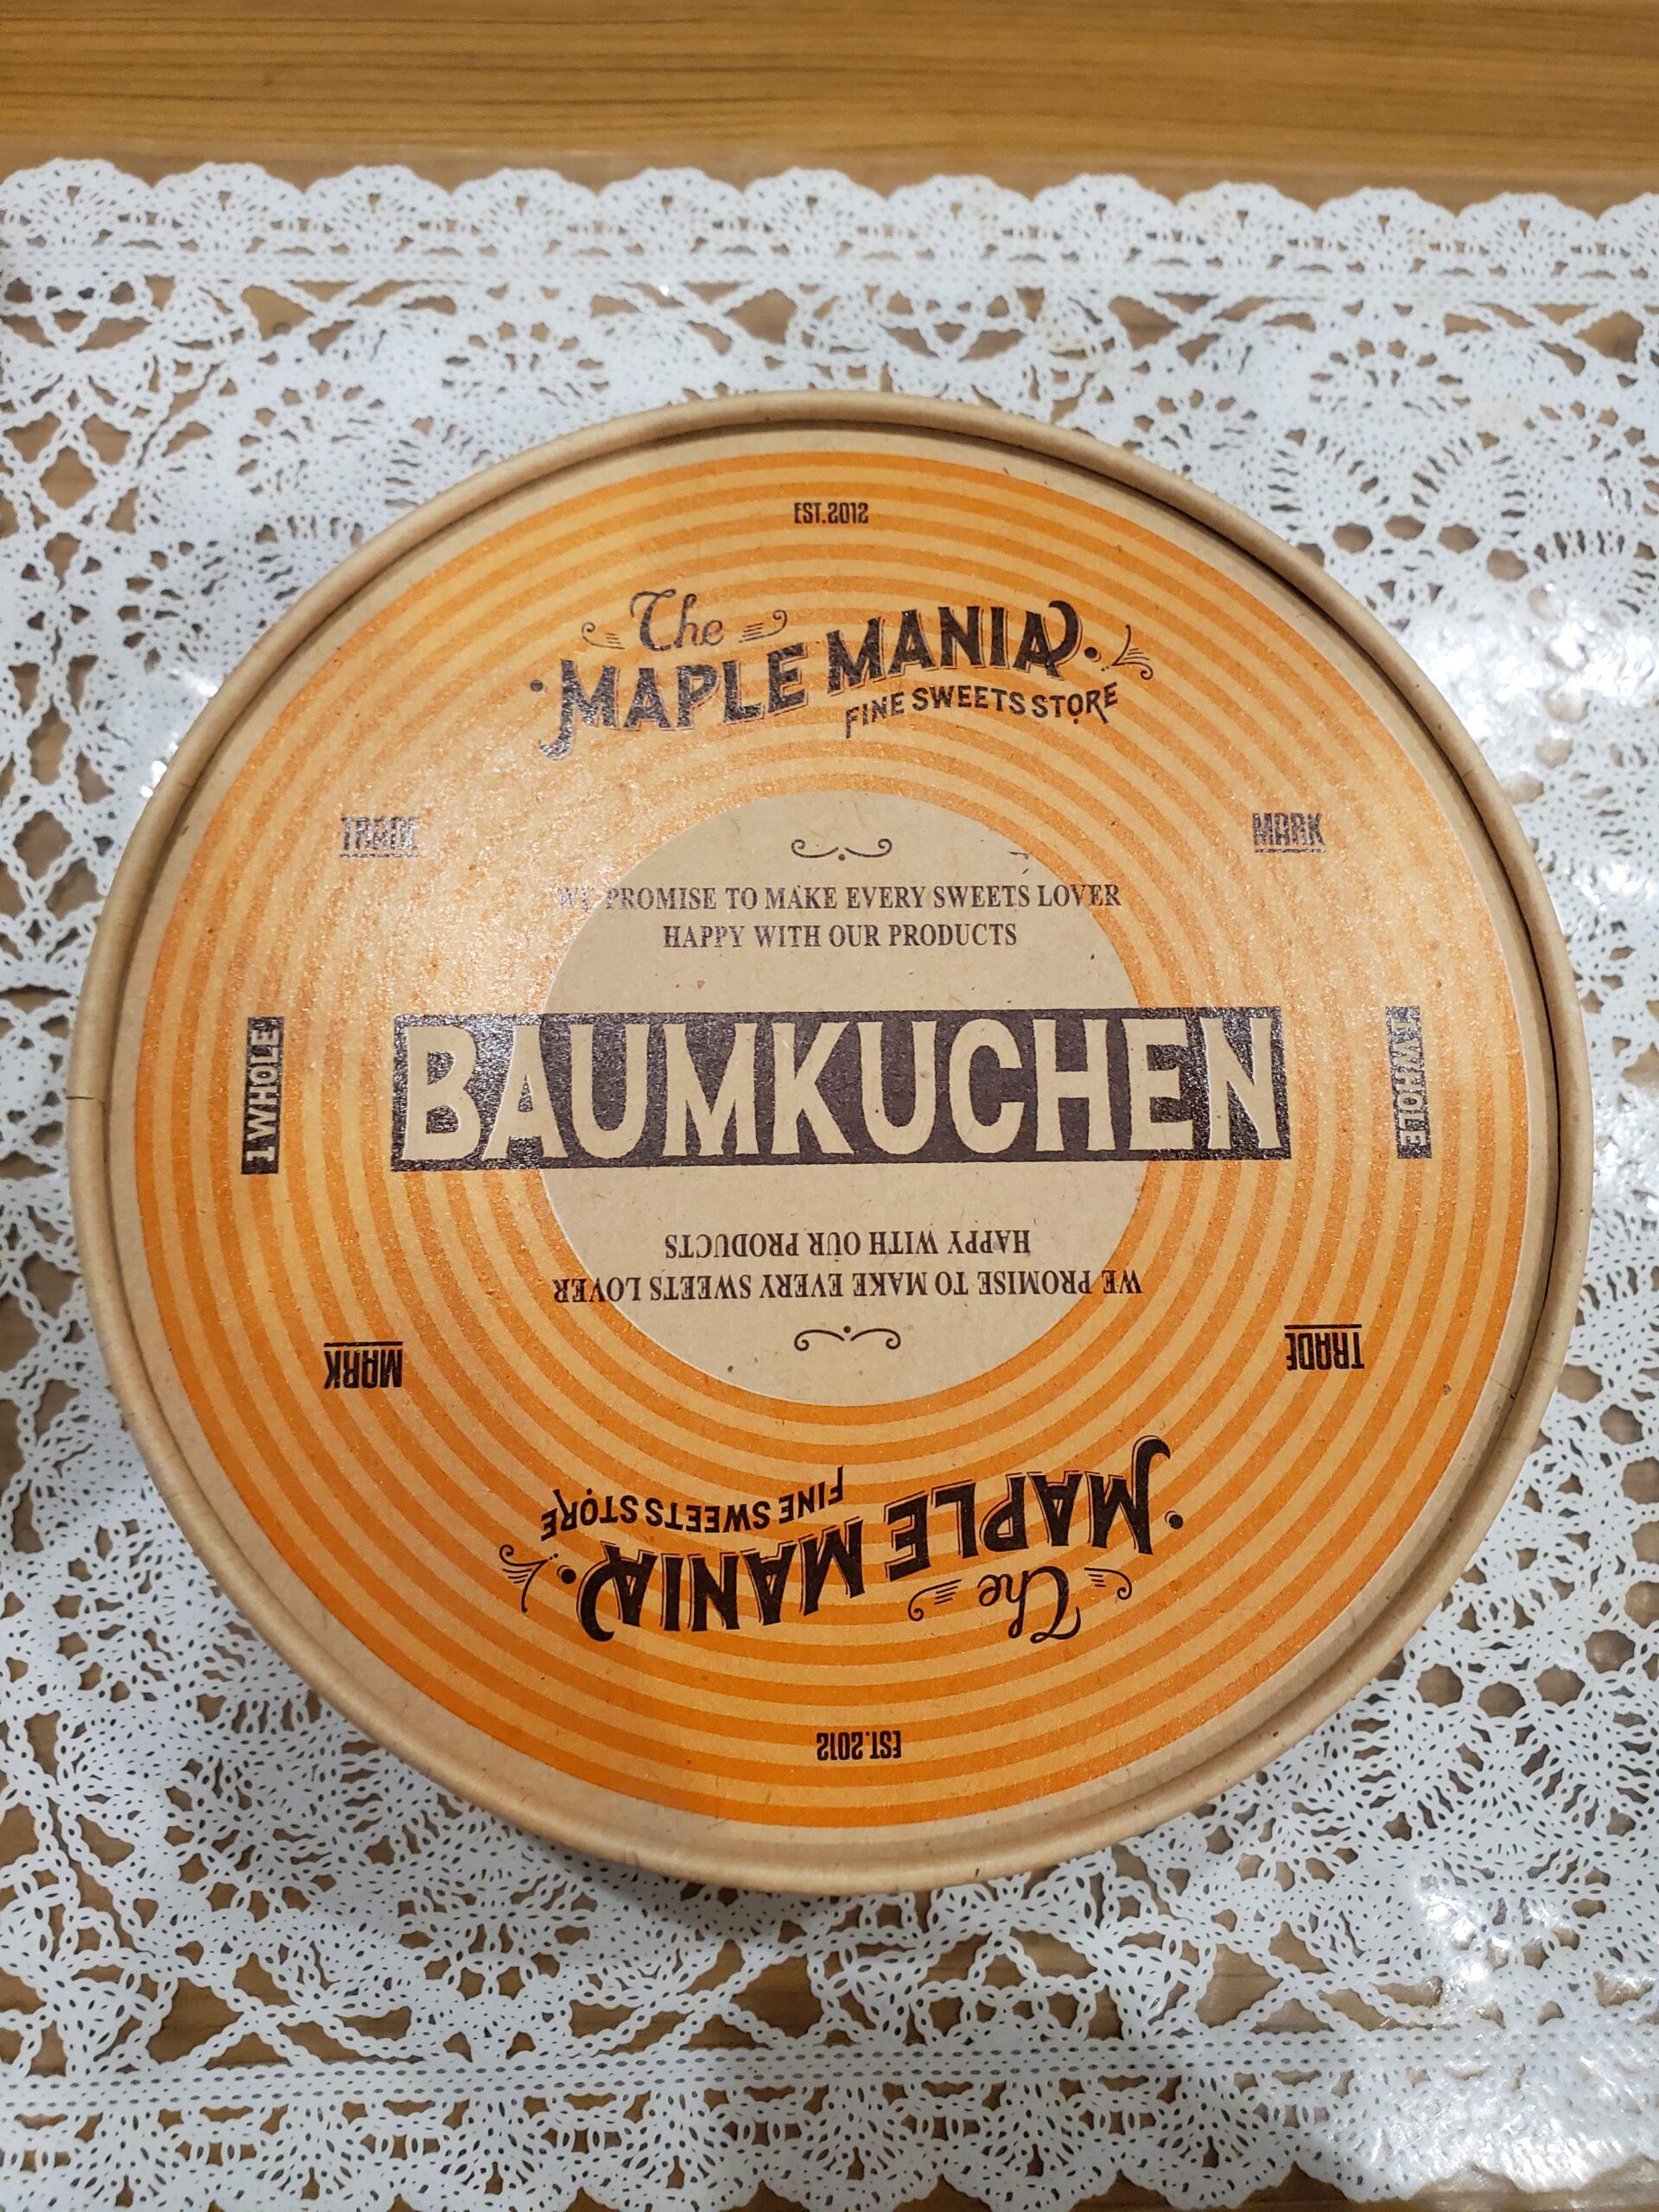 The MAPLE MANIA BAUM